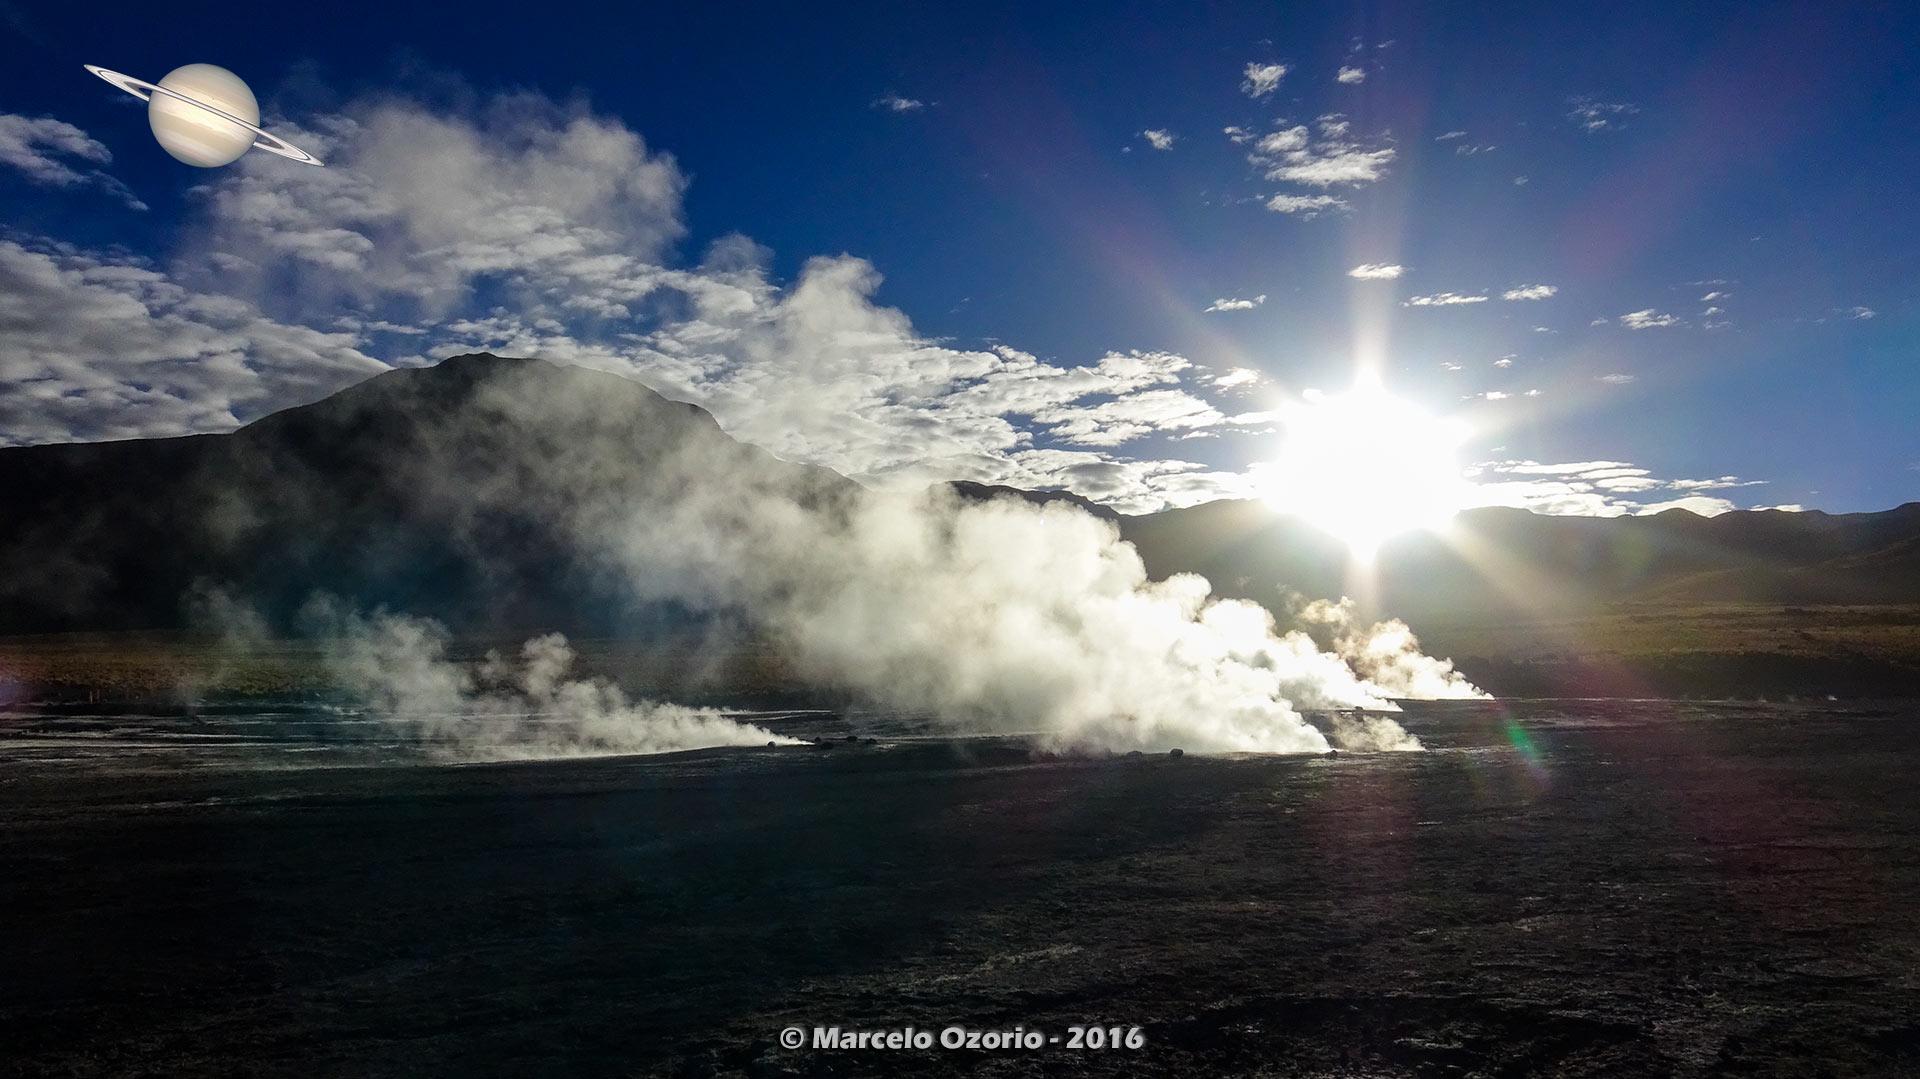 el tatio geysers atacama desert 19 - The Surreal El Tatio Geysers - Atacama Desert - Chile